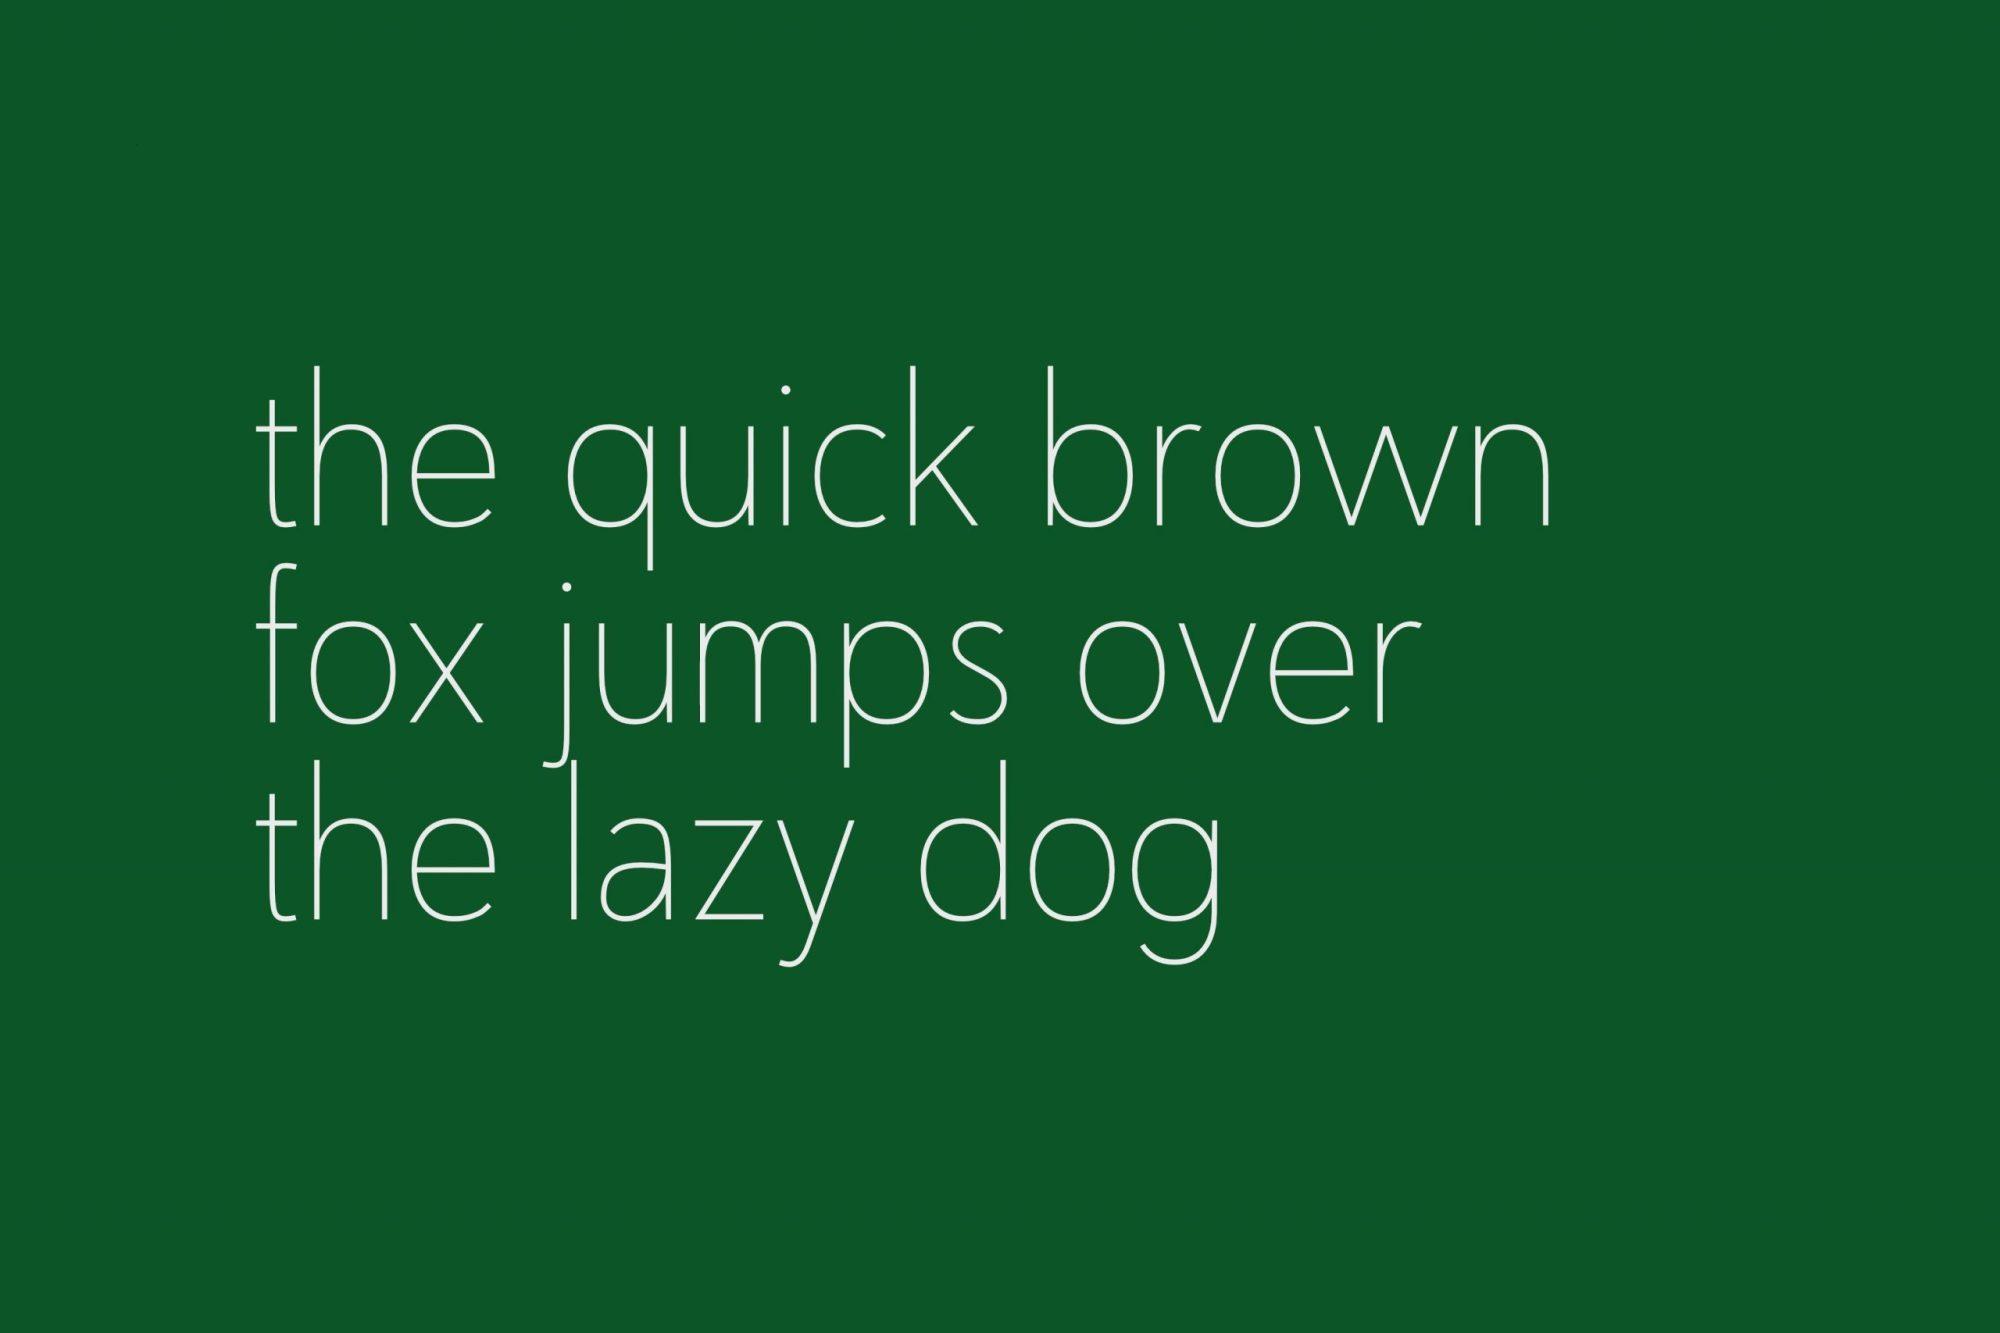 Nugo-Free-Sans-Serif-Font-5-scaled